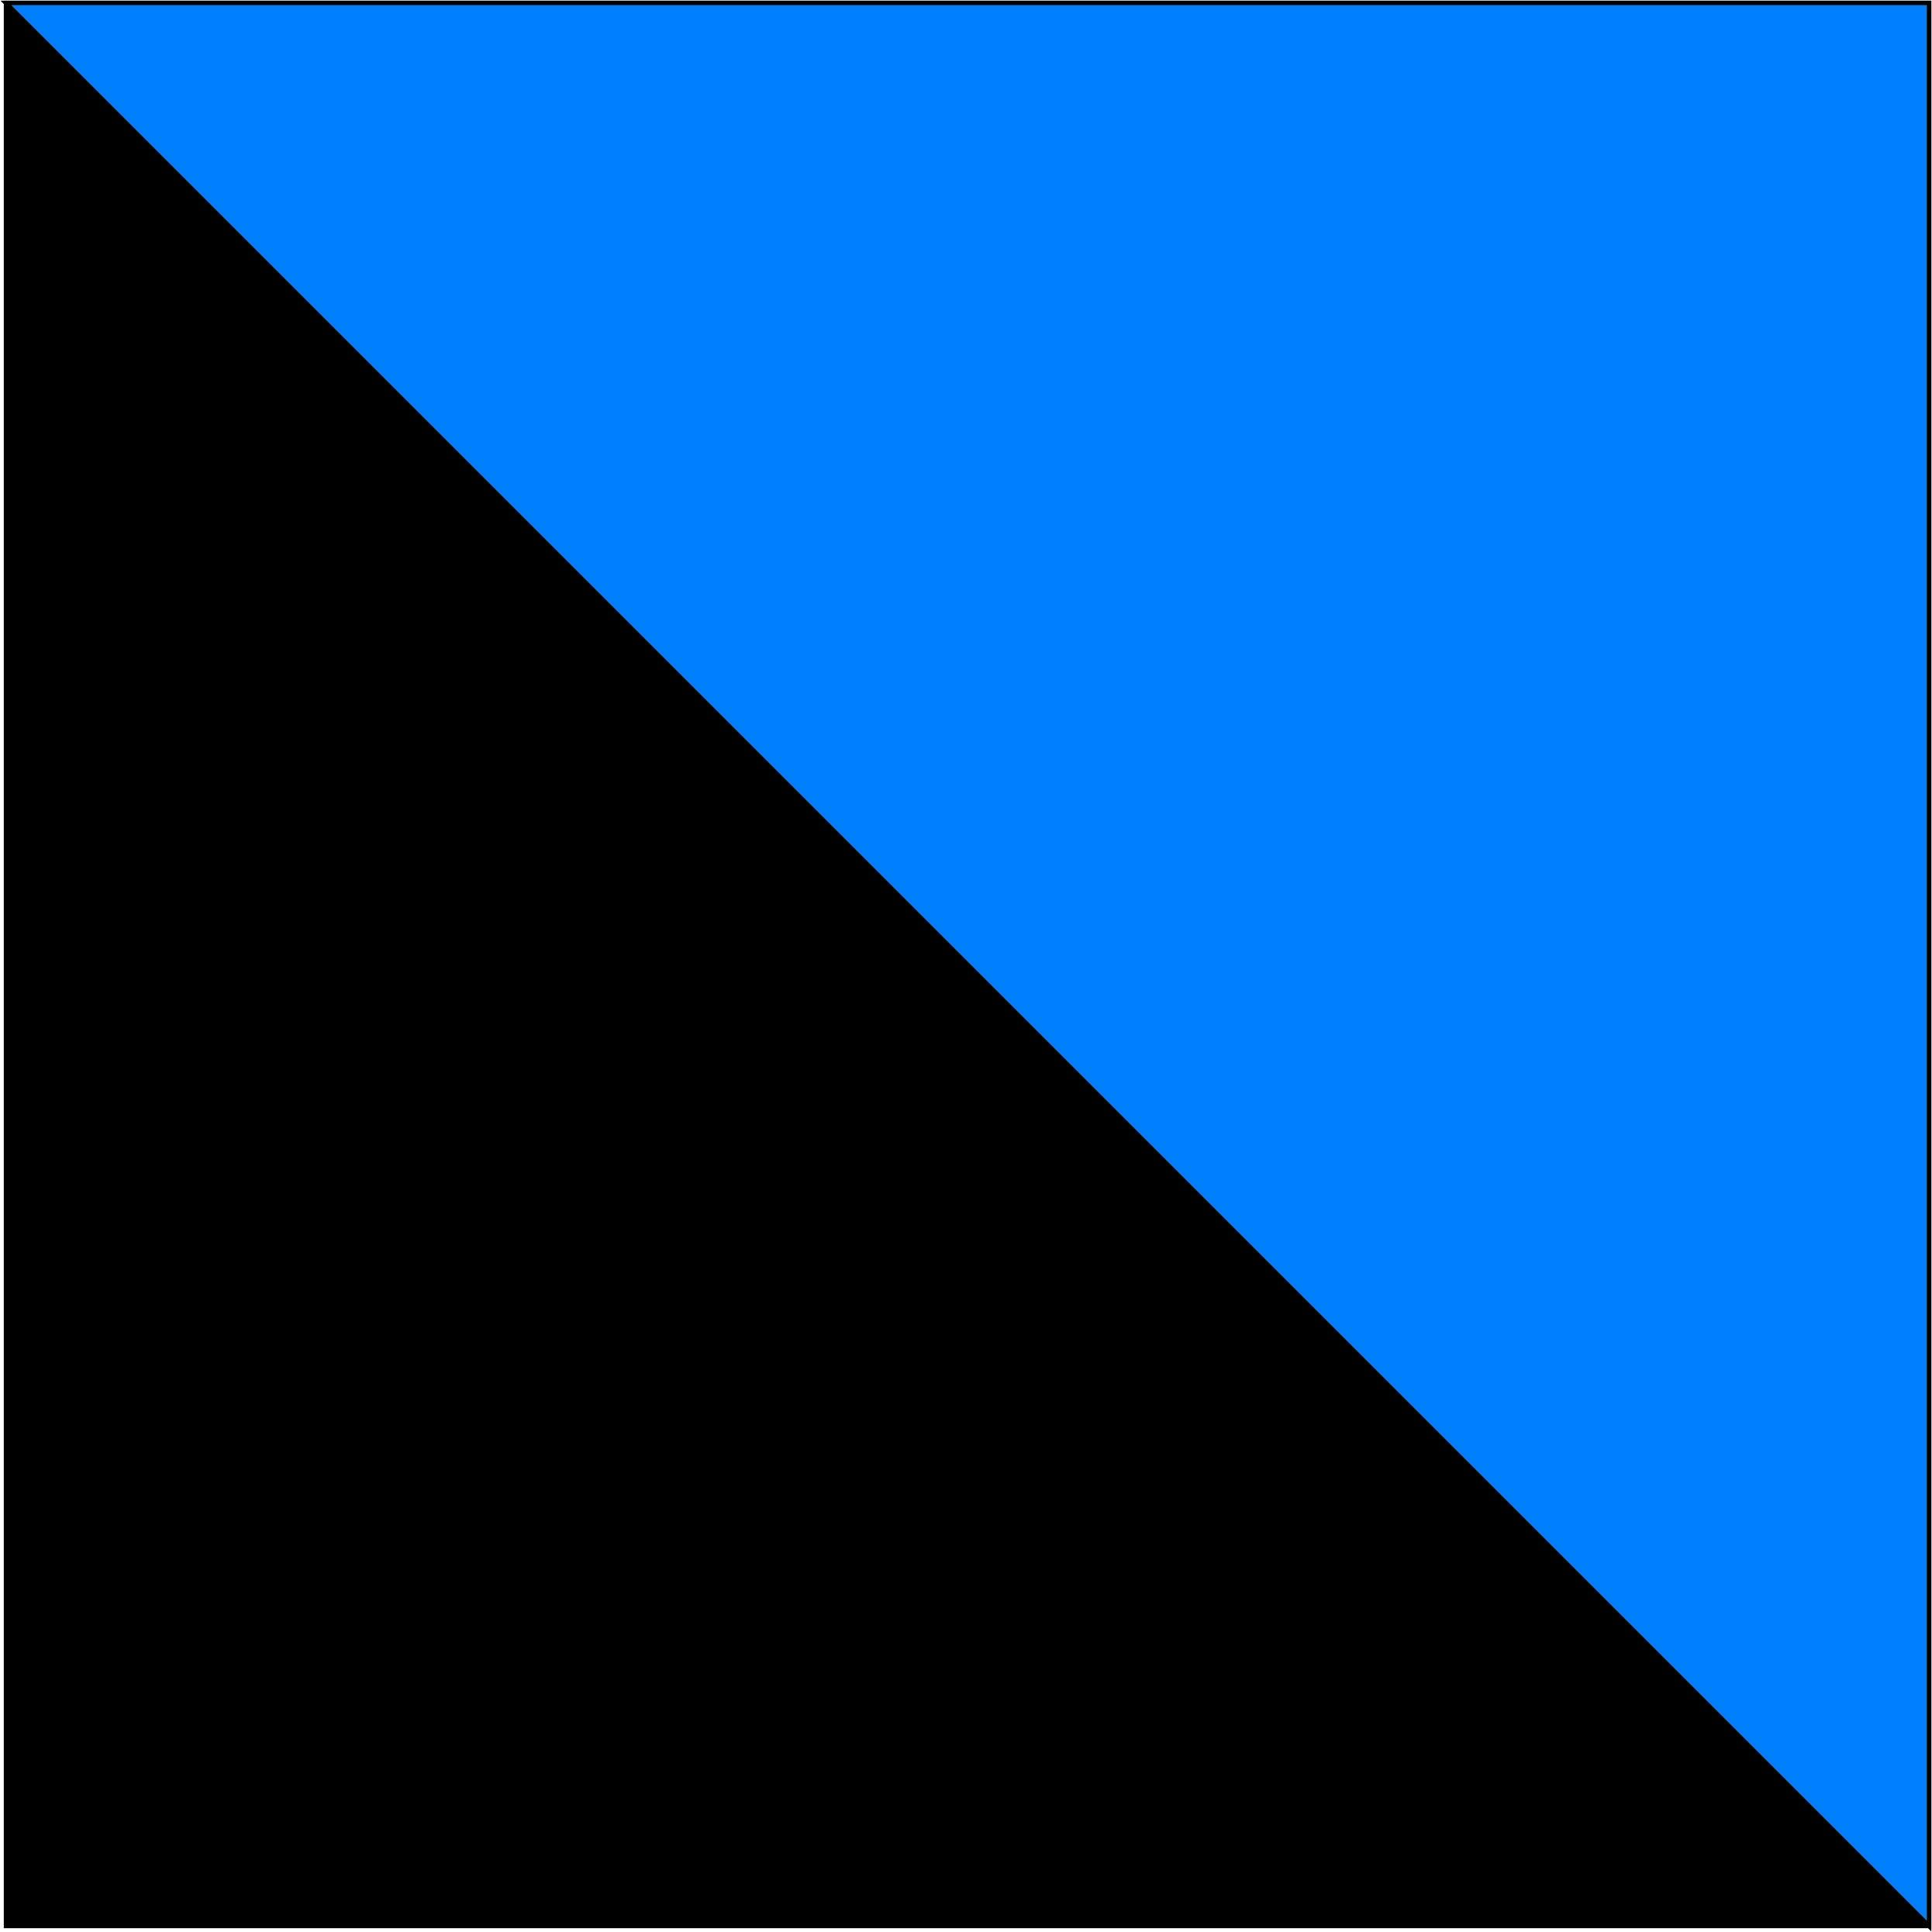 czarny/niebieski